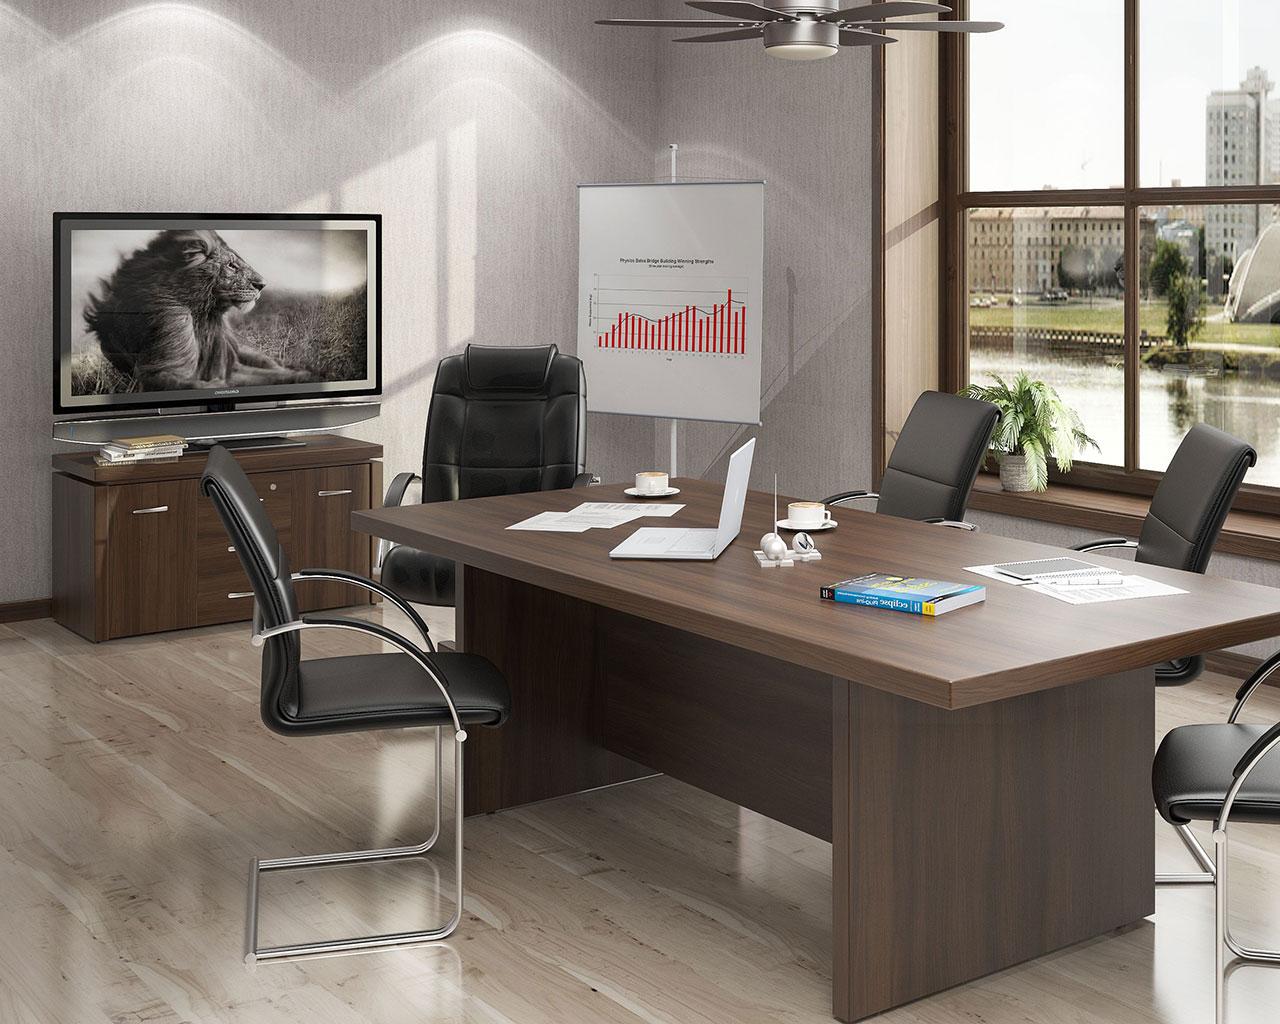 Стол для дома с приятным оттенком